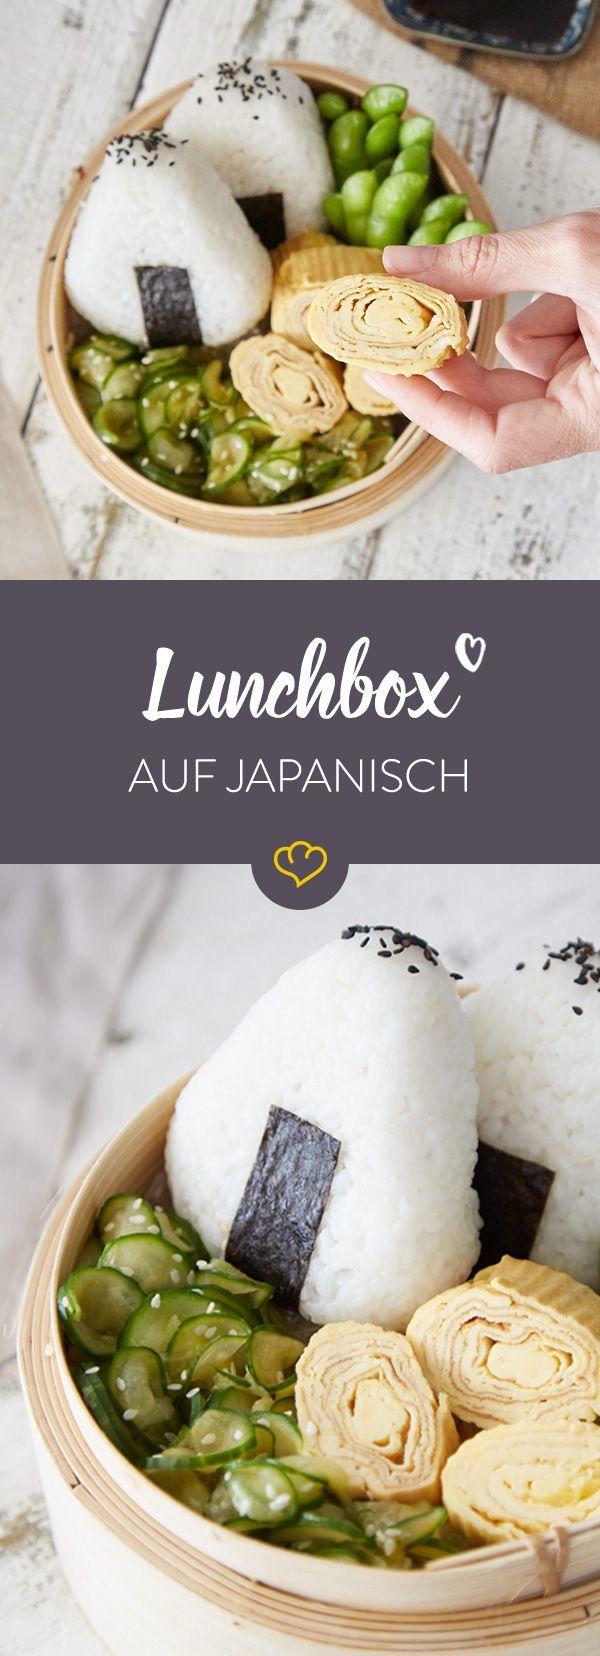 Lunchbox auf Japanisch #chinesemeals